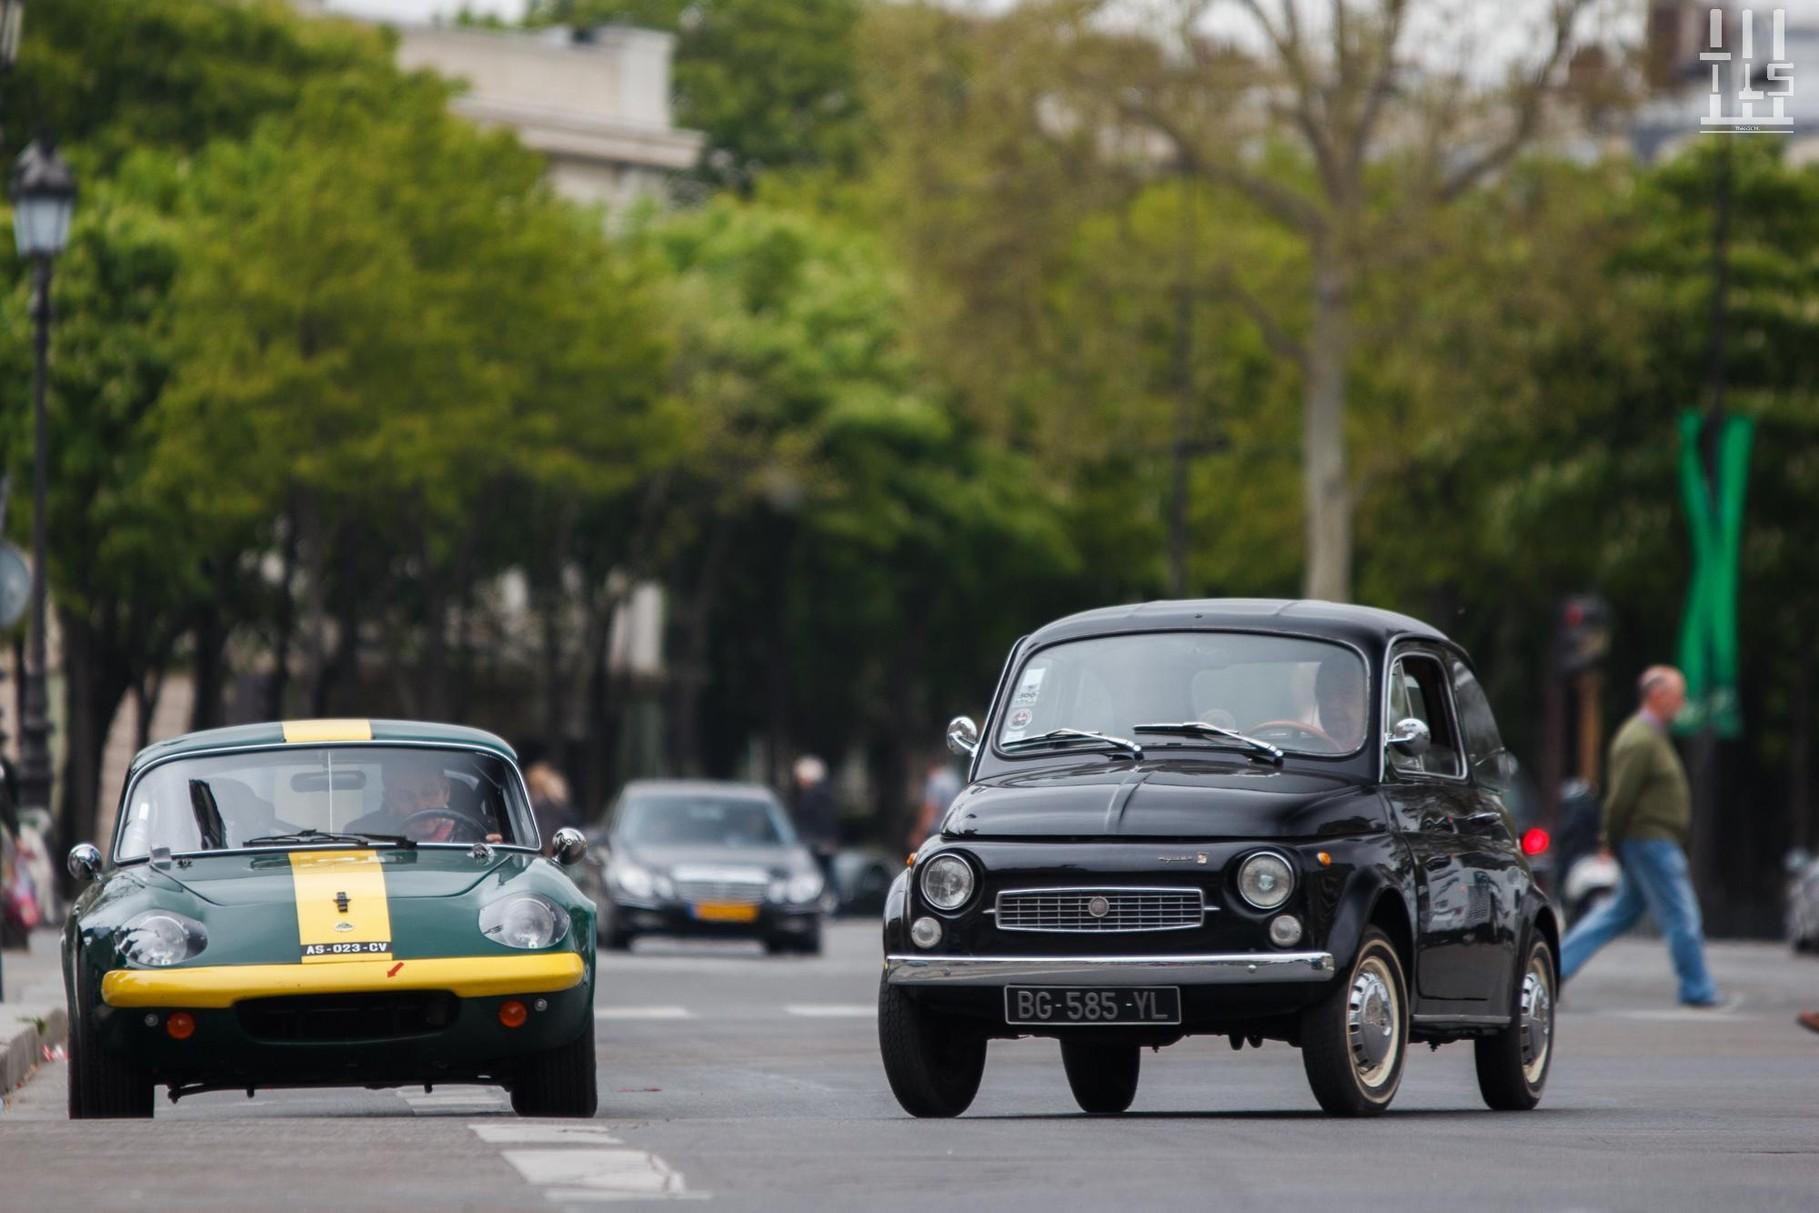 Fiat 600 & Lotus Elan.